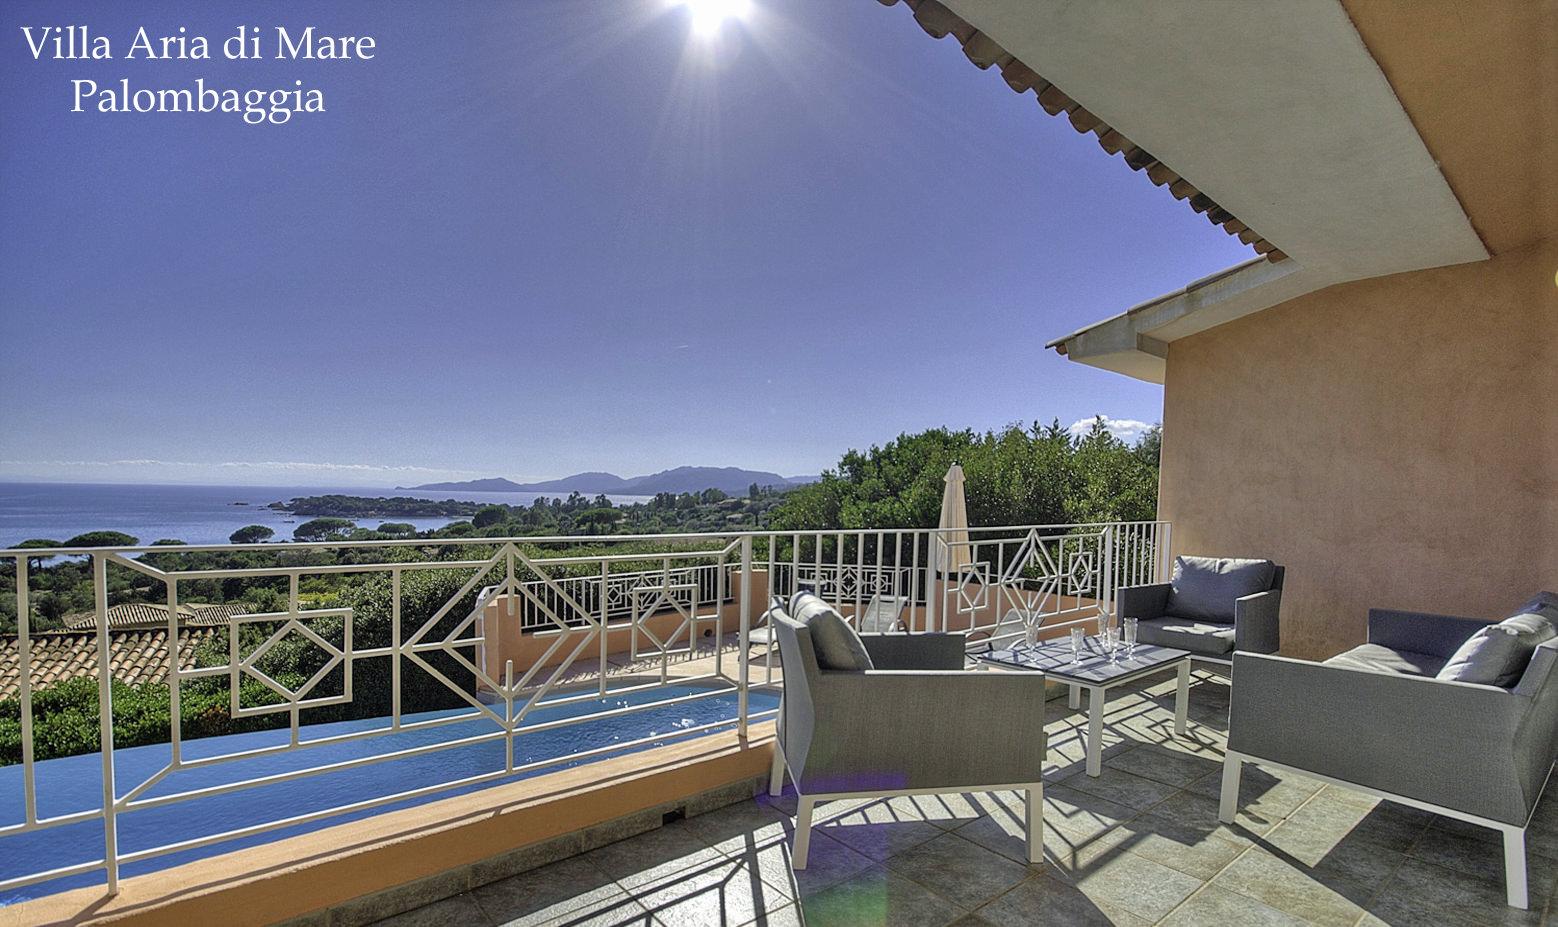 Location villa palombaggia villa luxe avec piscine porto - Villa bord de mer ...